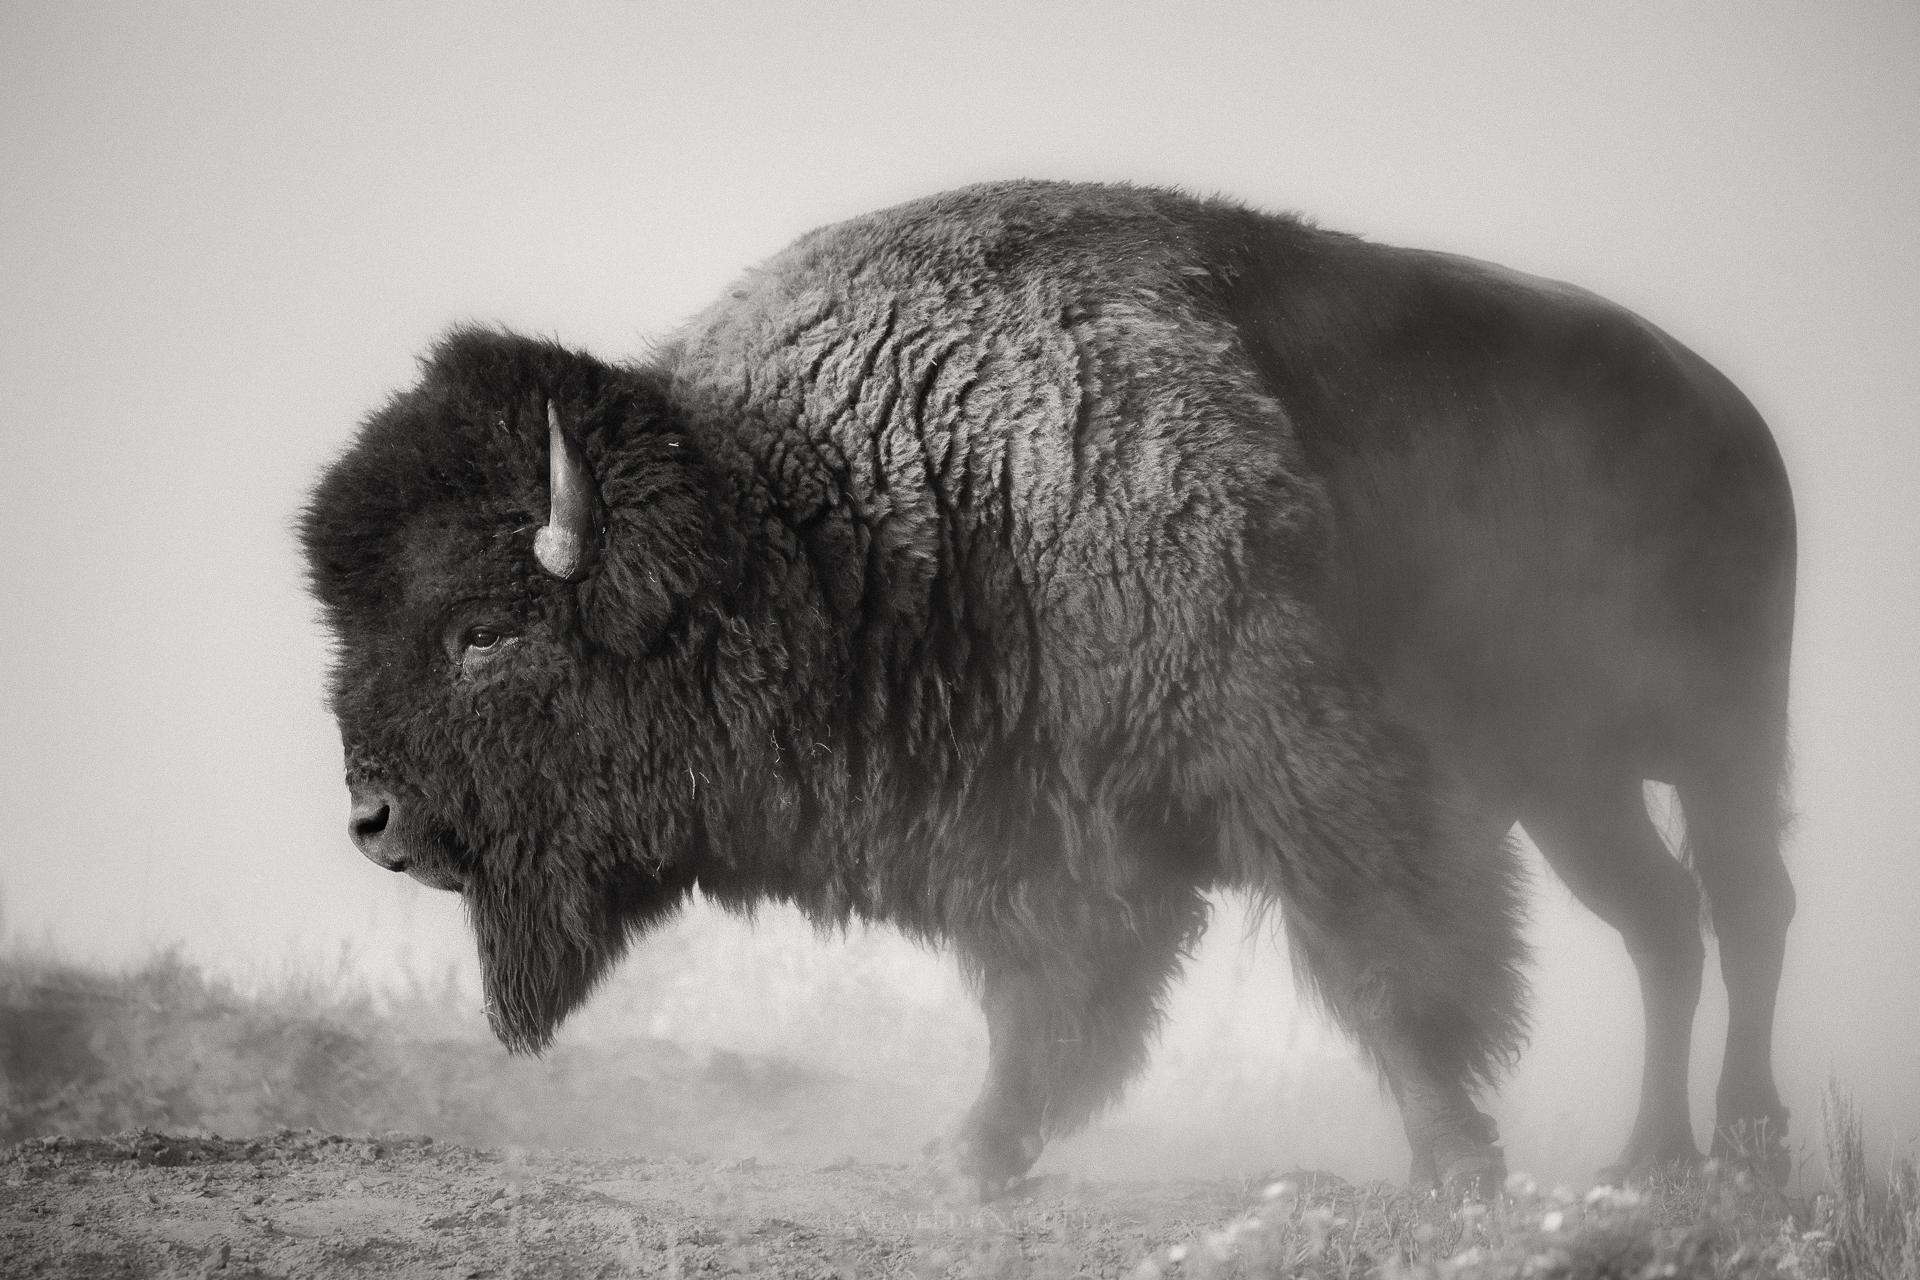 B&W Bison in Dust.jpg